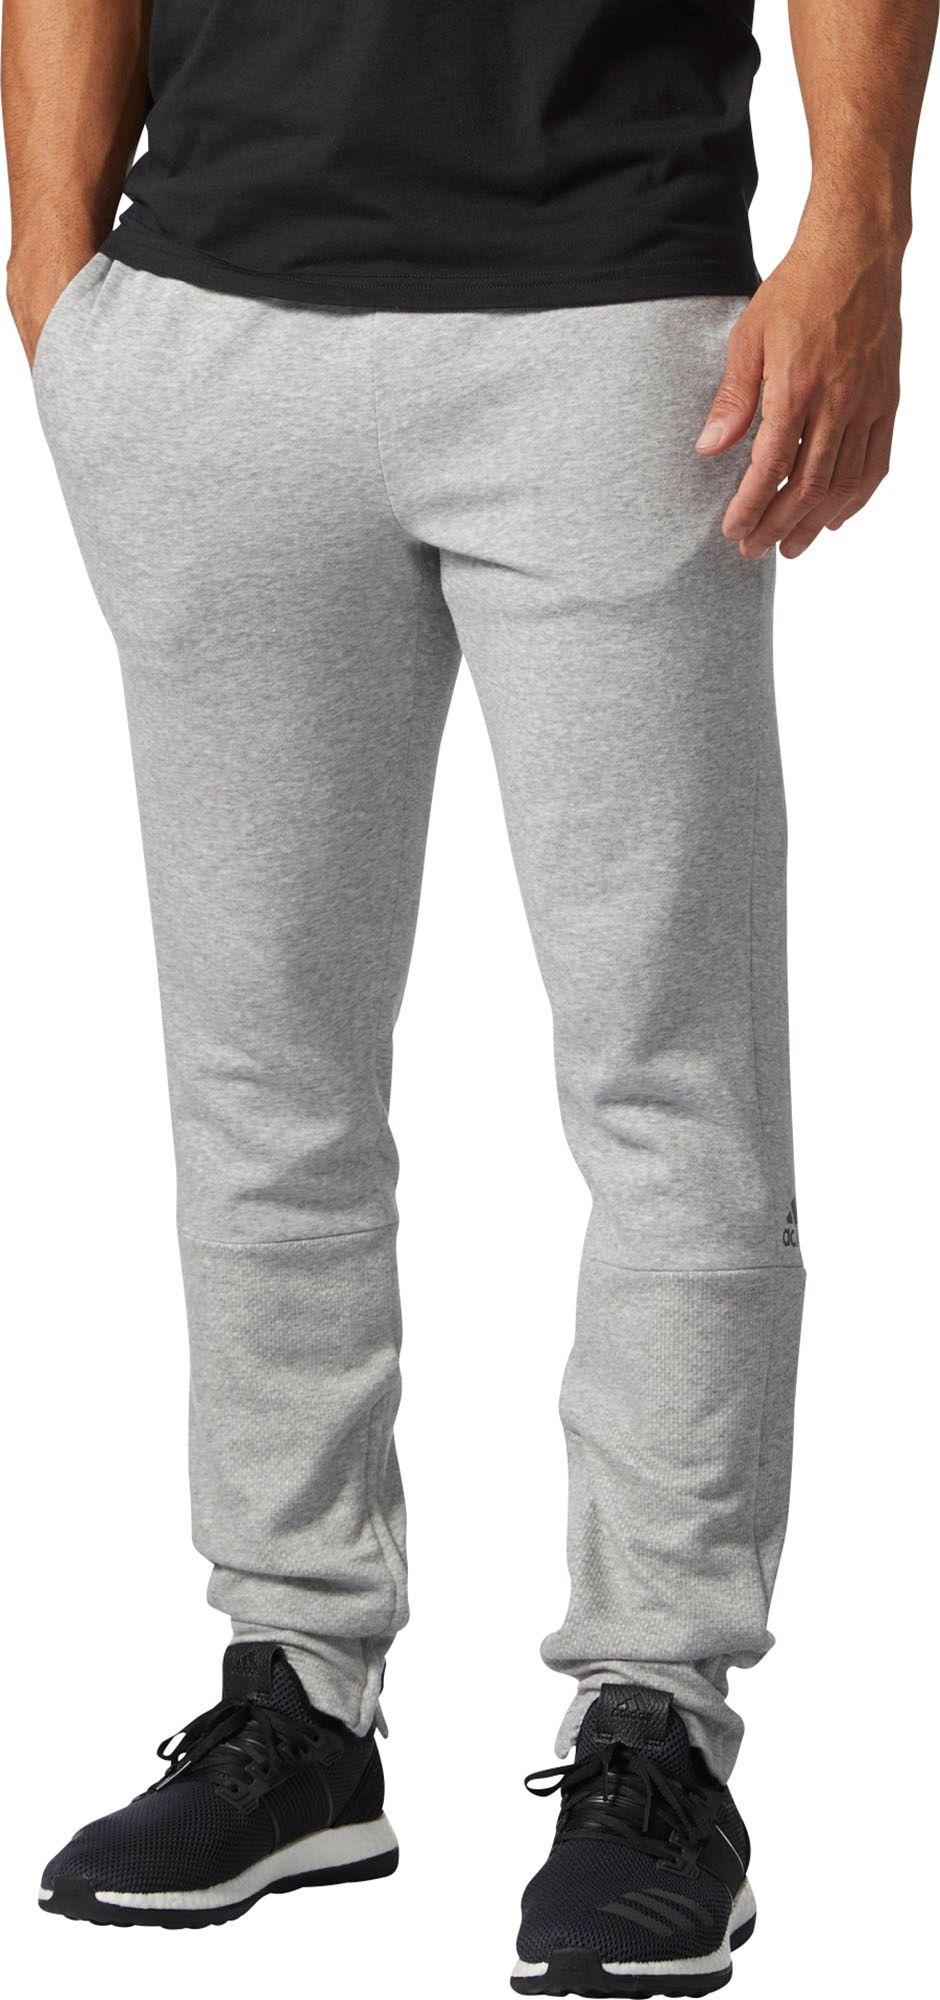 Adidas Della Uomini 'Post - Partita Pantaloni Della Adidas Tuta Dick Articoli Sportivi a13bc0